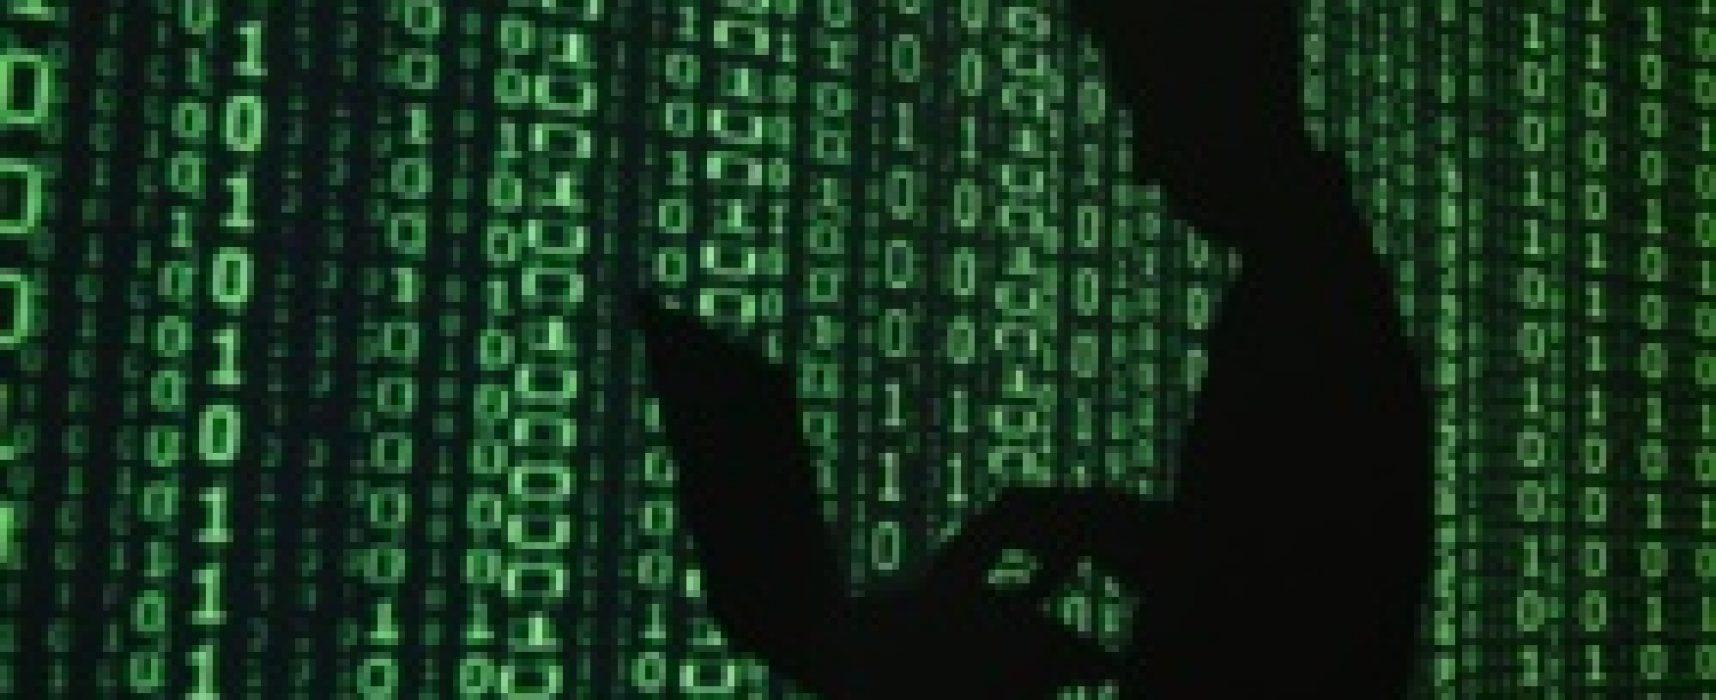 Информационная война: Кремль наращивает кибератаки